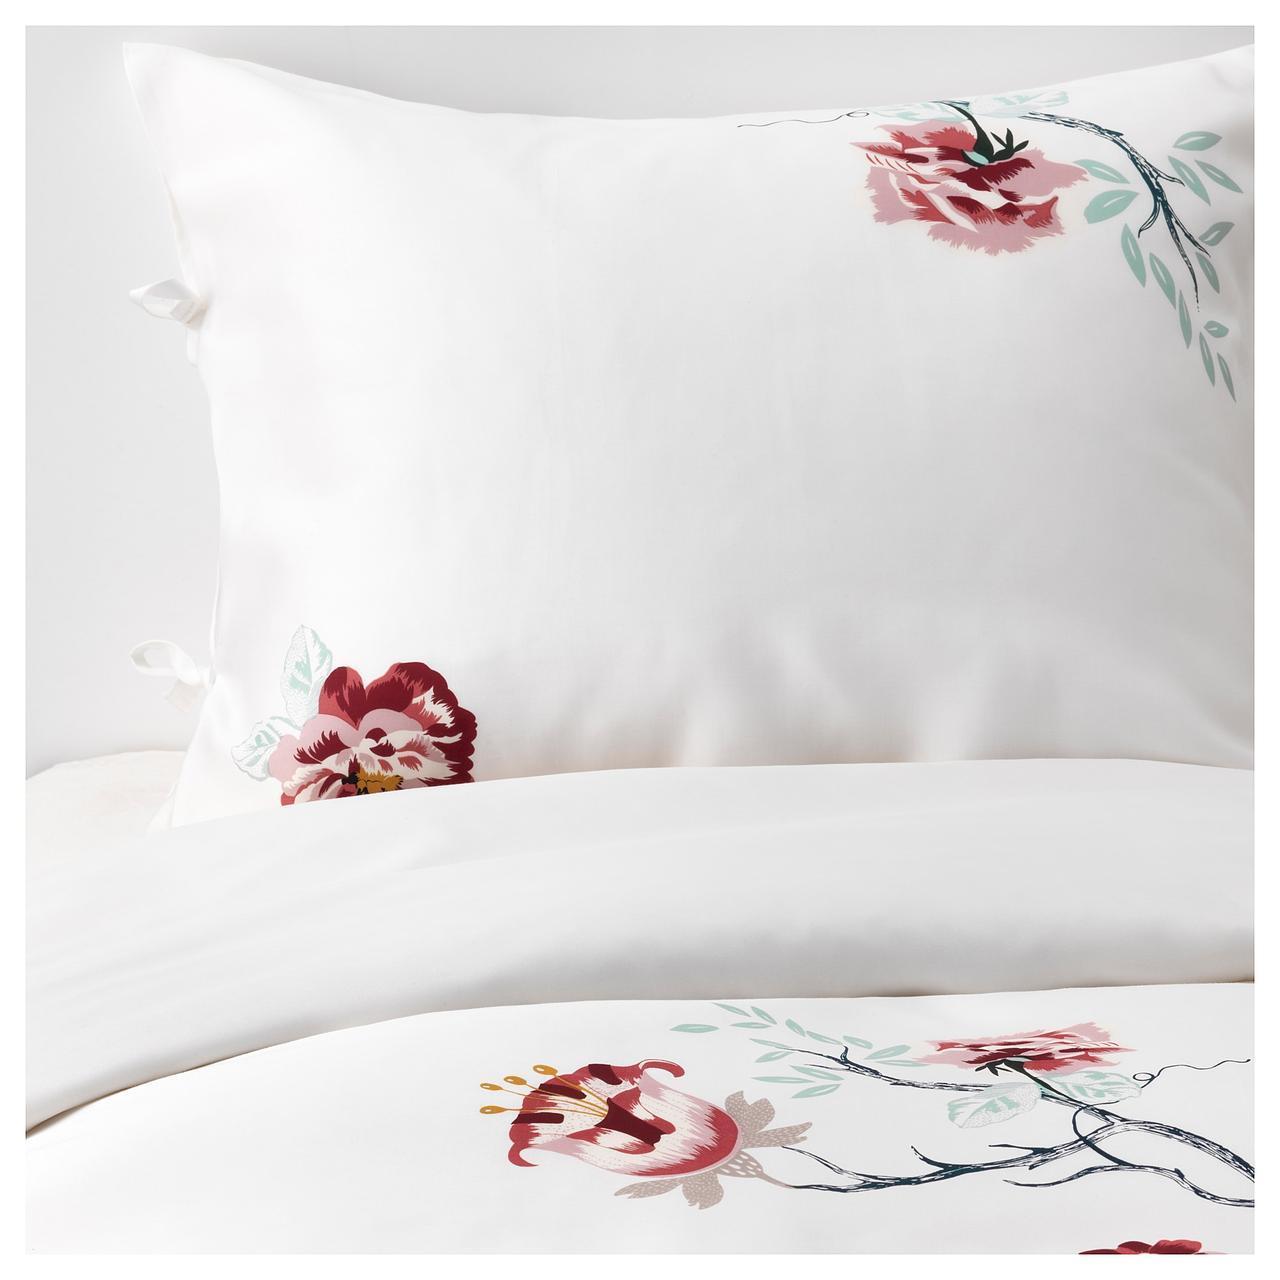 Комплект постельного белья JATTELILJA